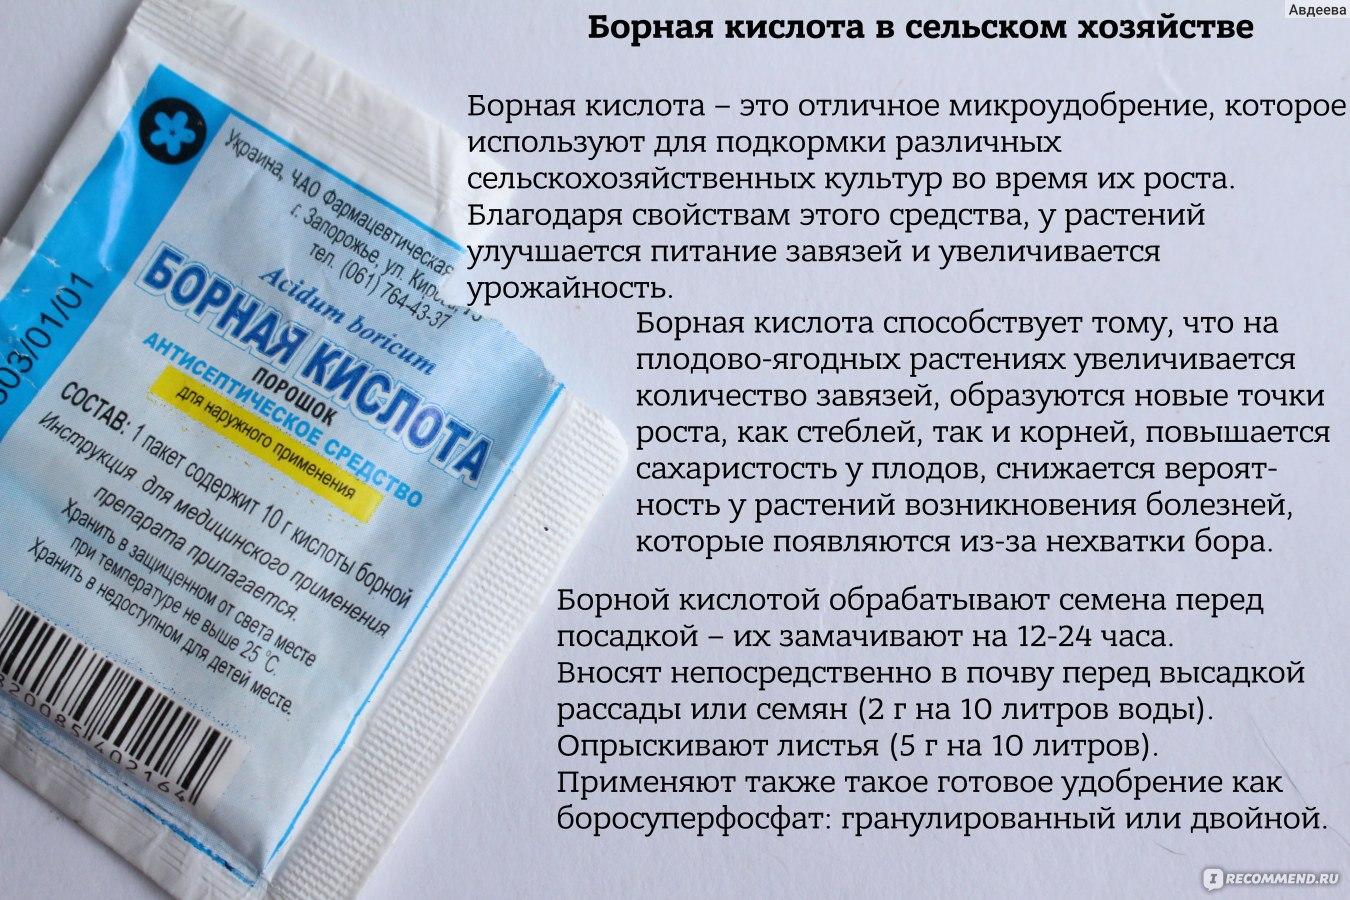 """Антибактериальное средство Борная кислота (порошок) - """"Борная кислота для борьбы с НАСЕКОМЫМИ, для повышения УРОЖАЙНОСТИ, при бо"""